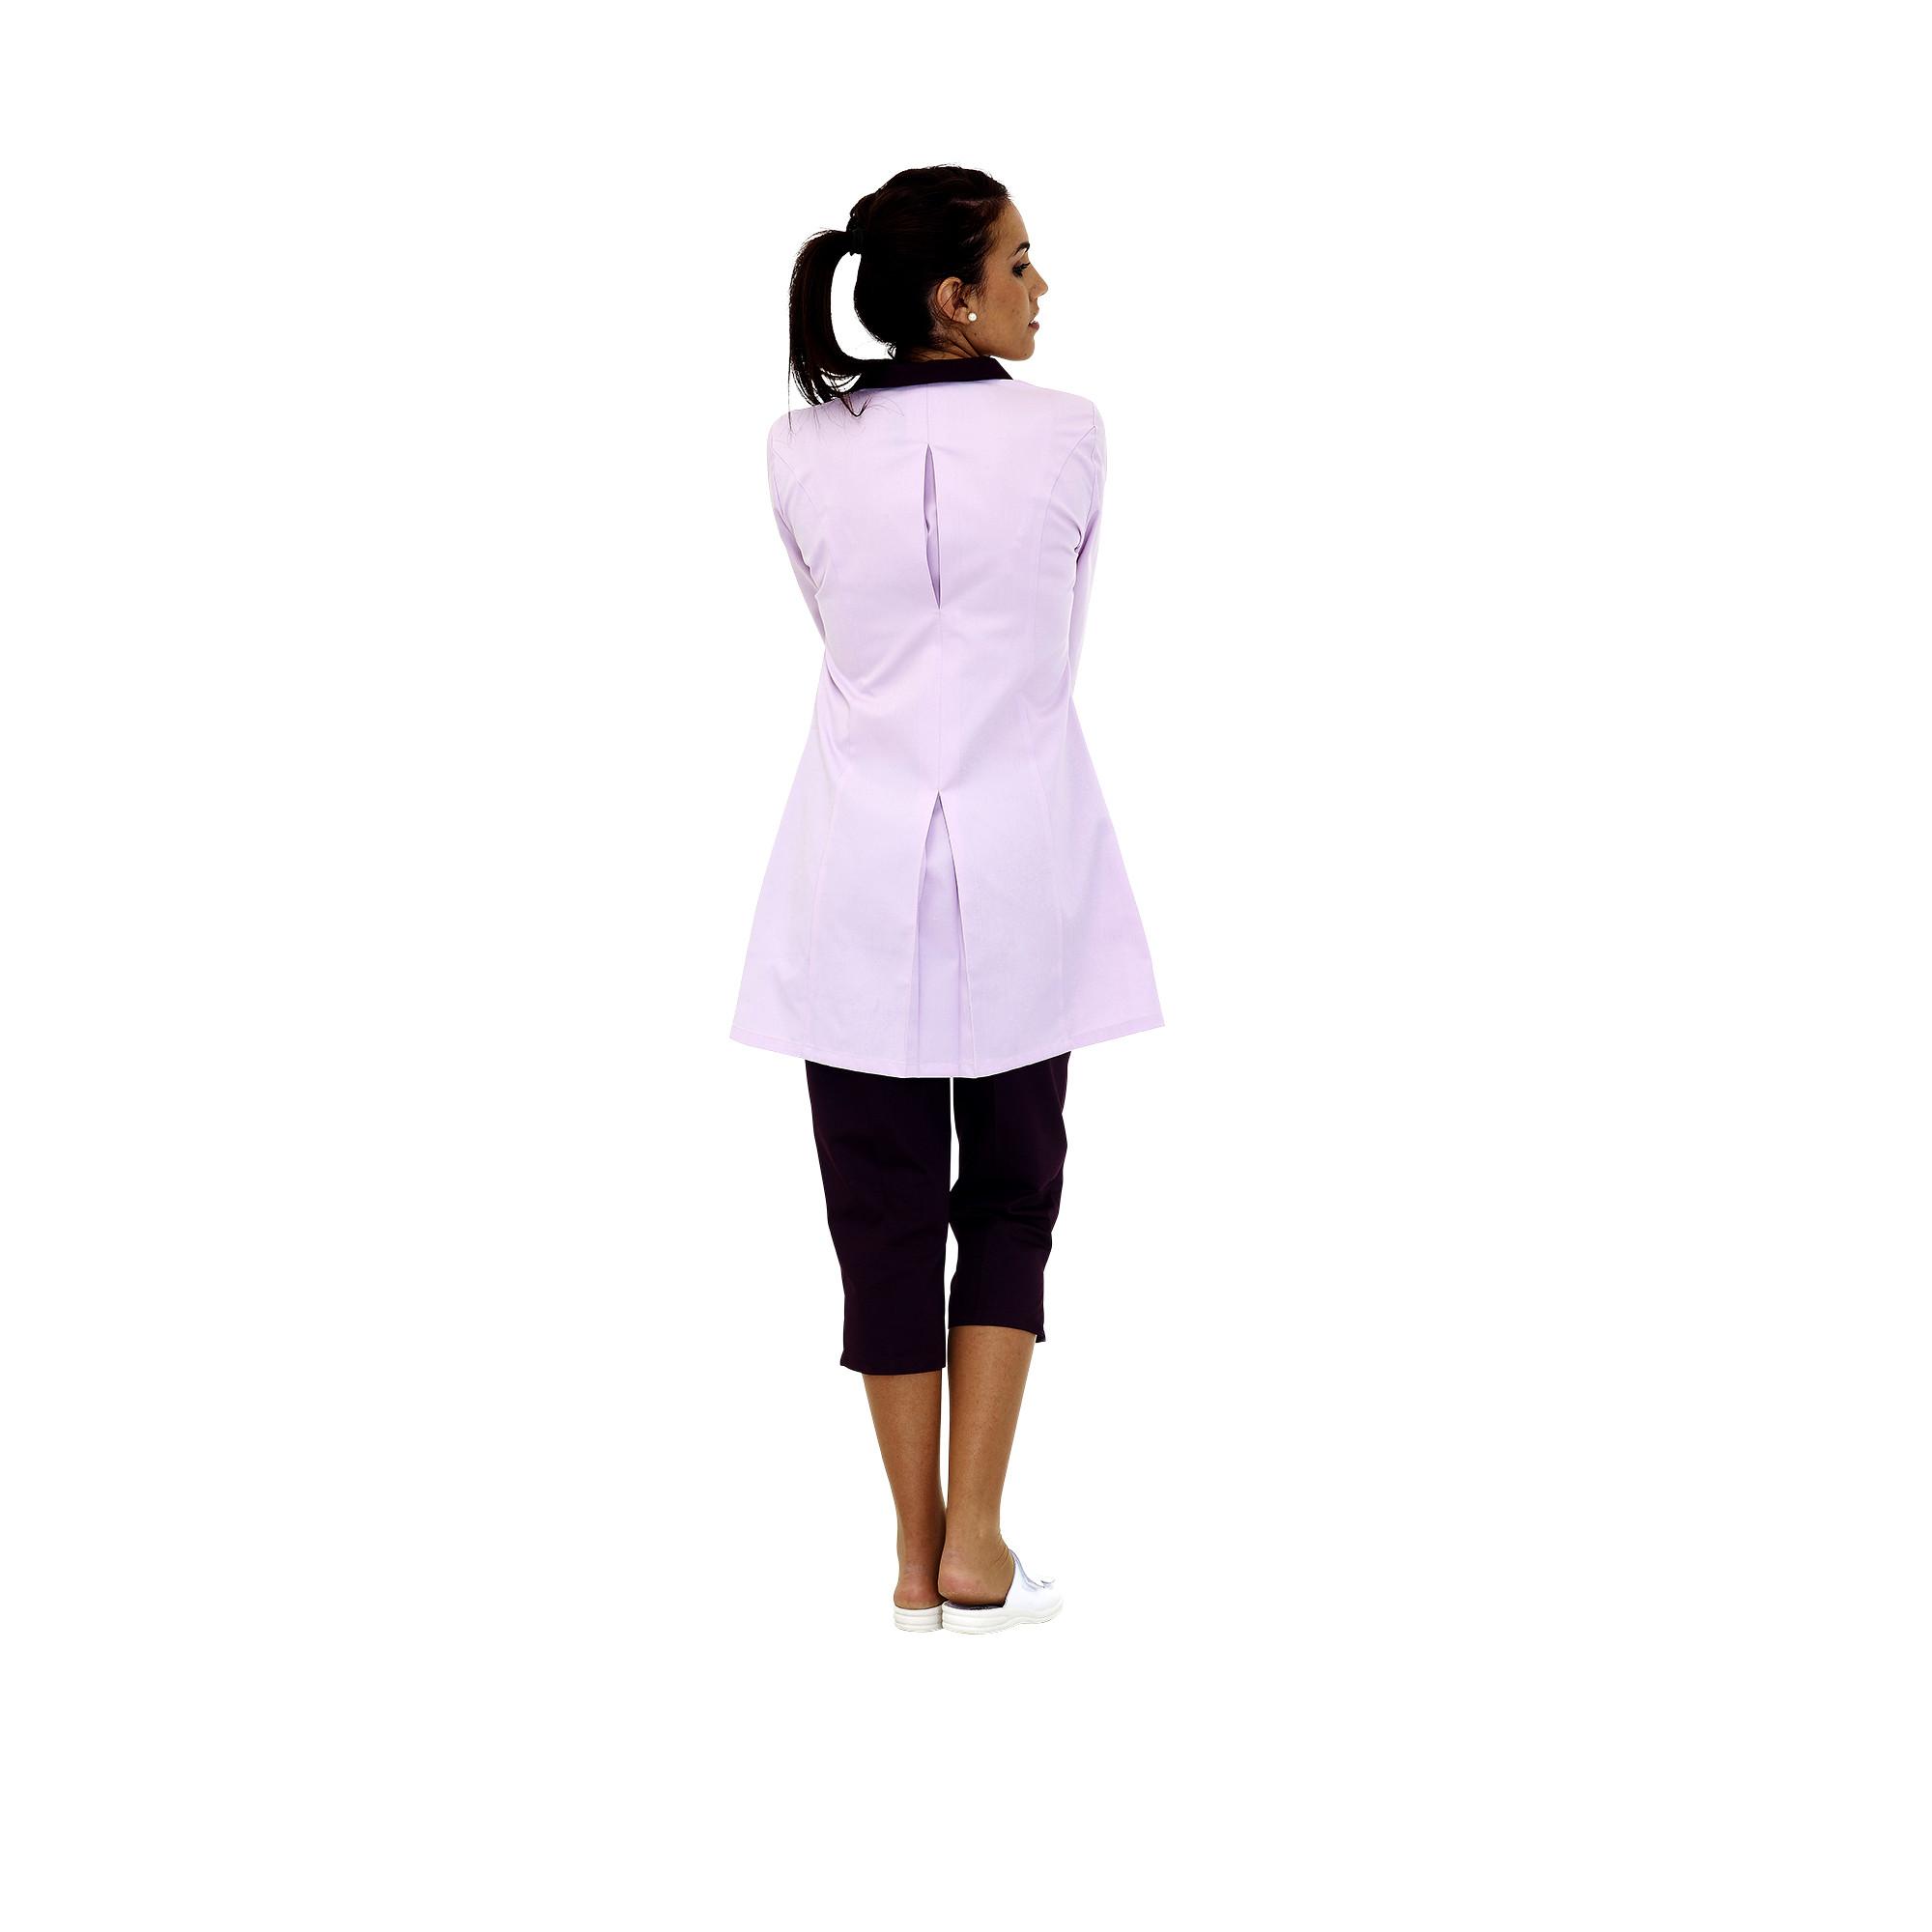 Christel - Blouse 3/4 - Manches longues transformables - Femme - 85 cm